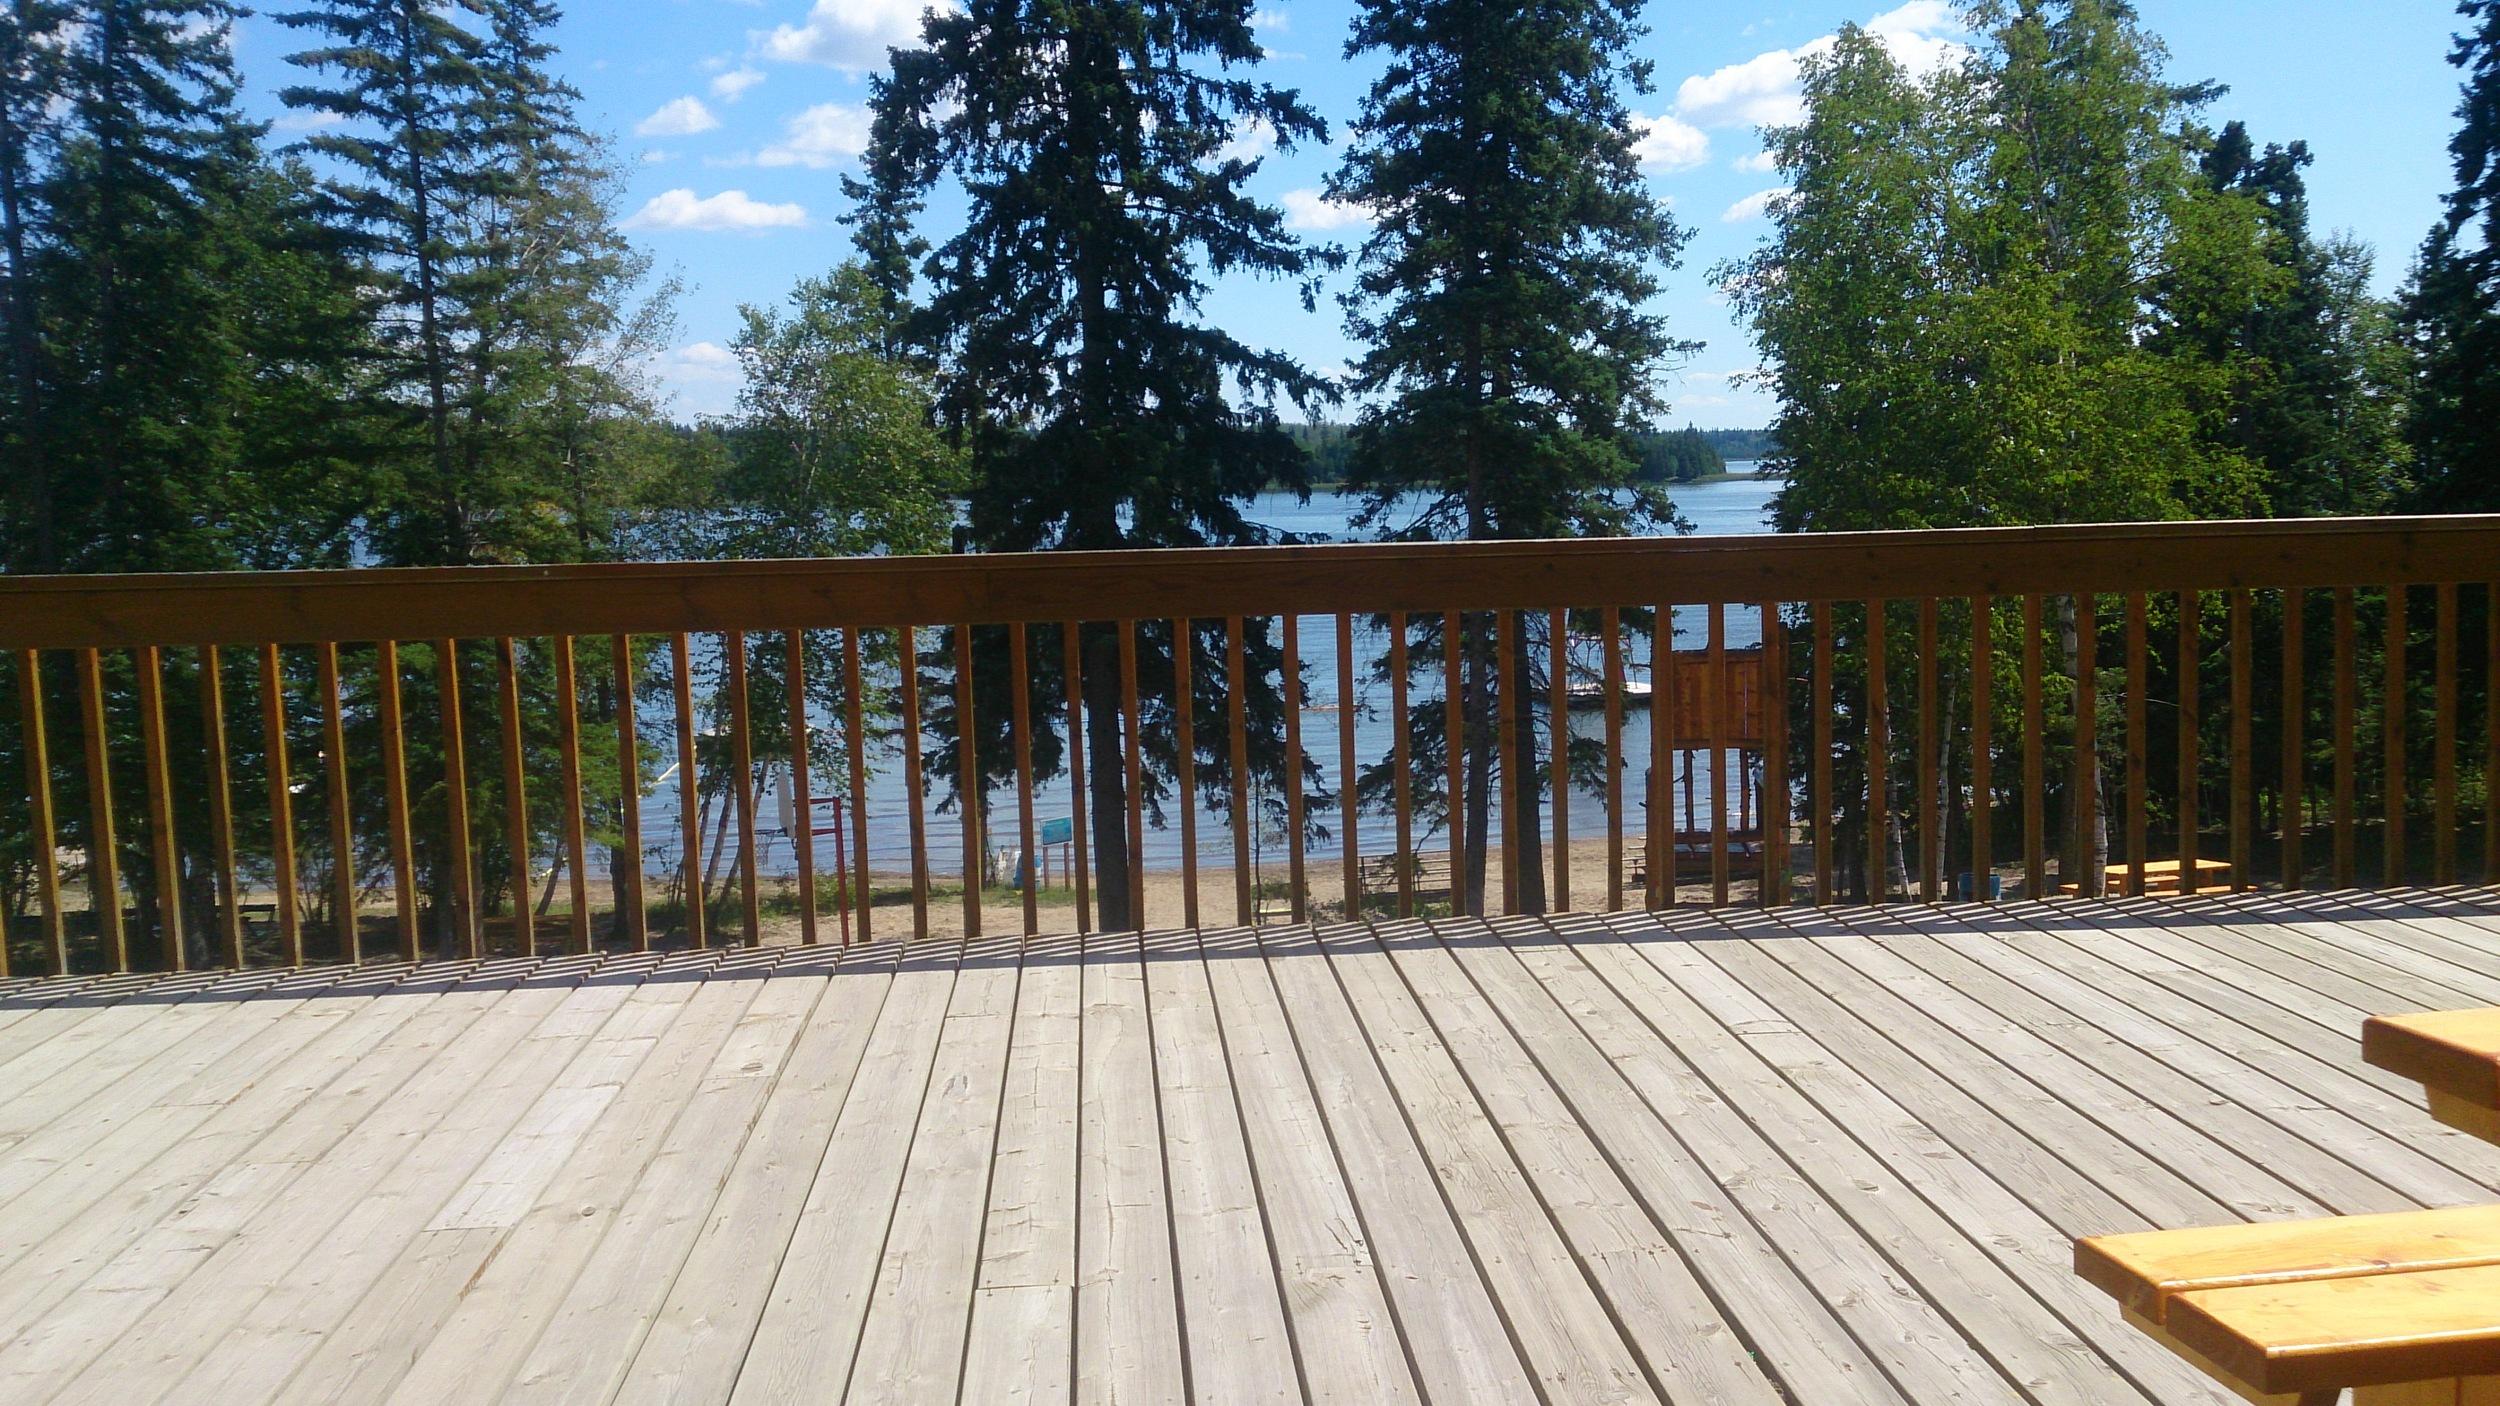 The deck at Camp Kadesh